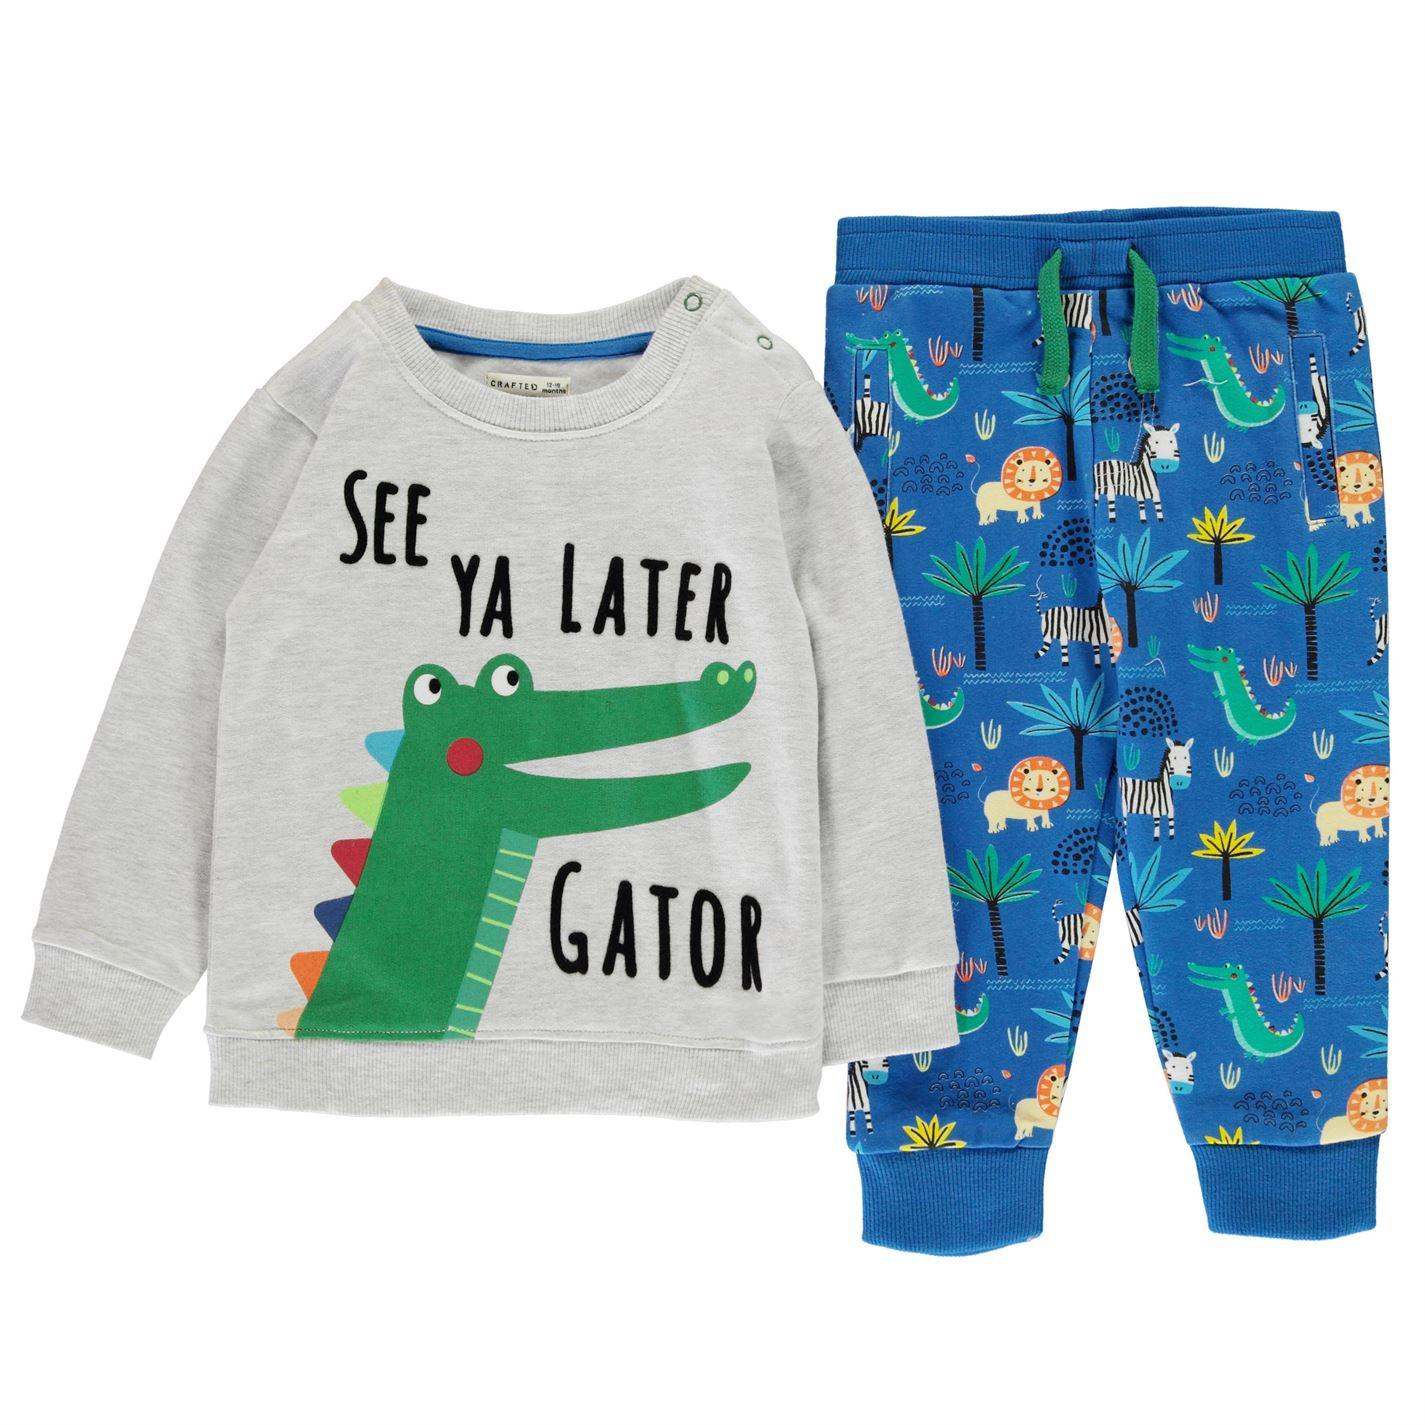 Crafted Essentials Infant Boys 2 Pack Jog Set